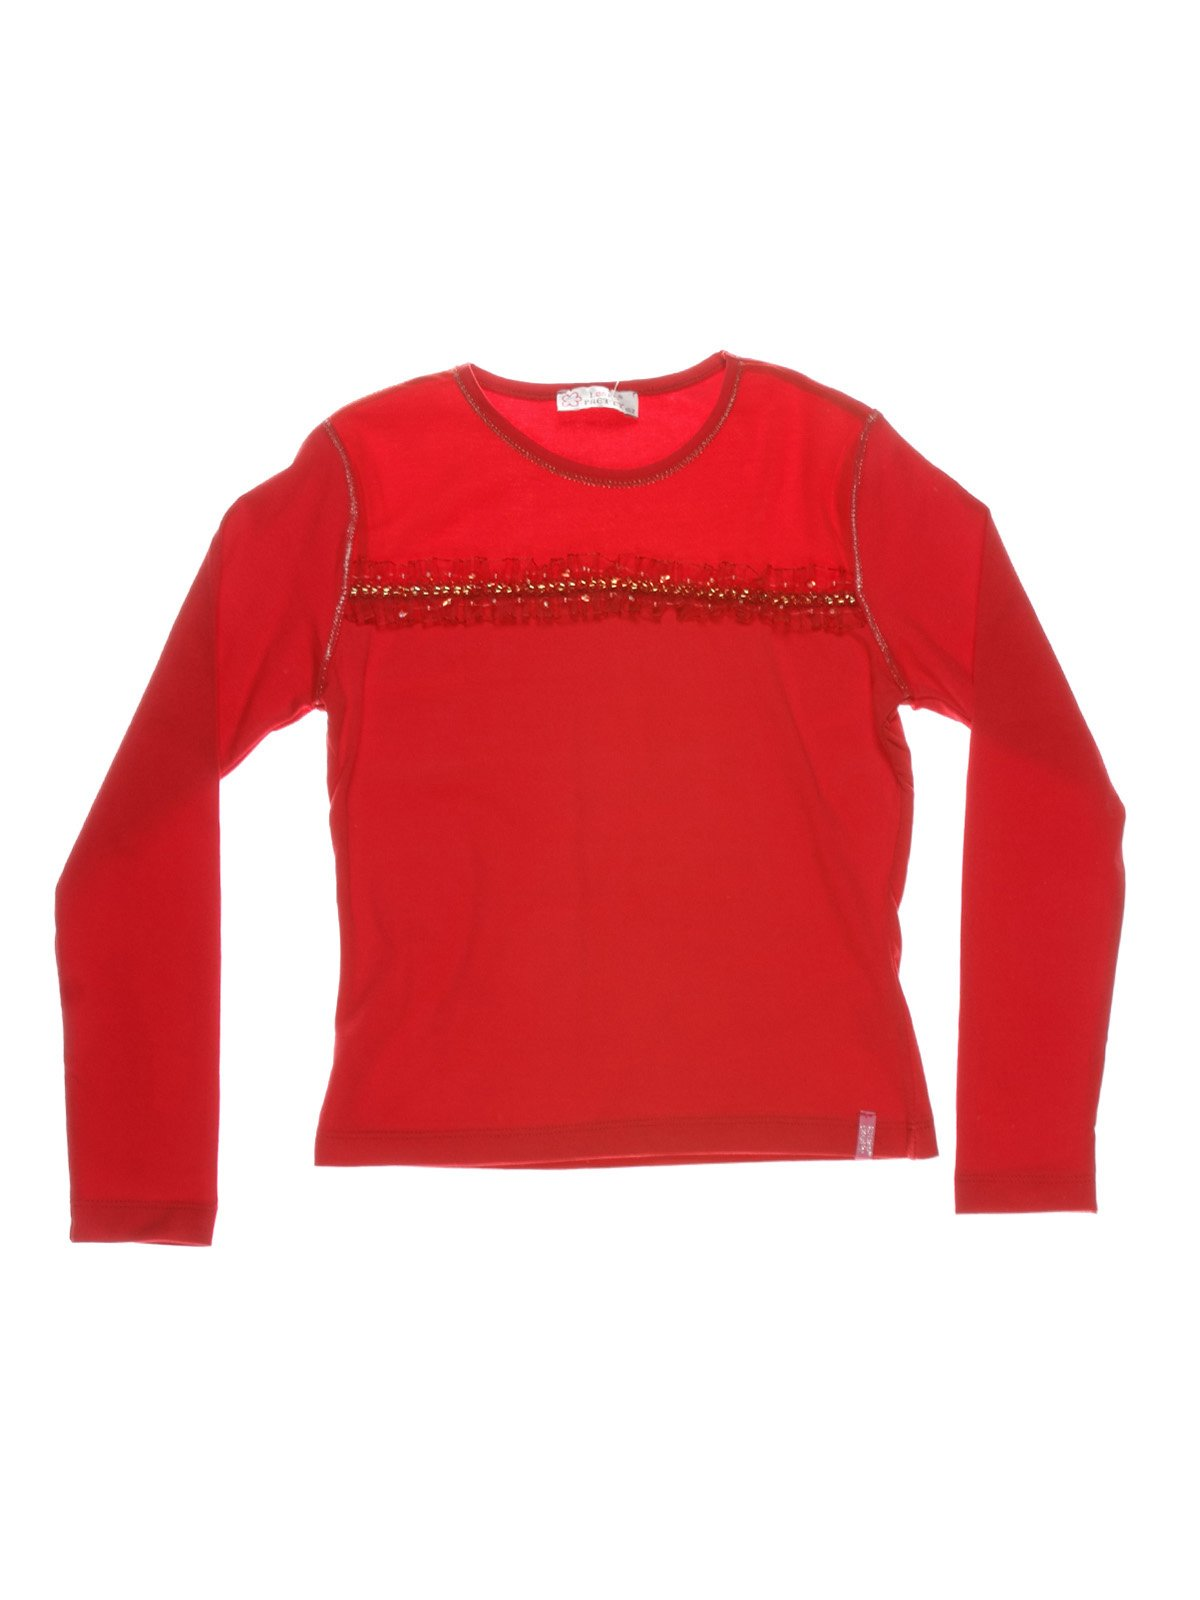 Джемпер червоний з рюшами і декором   1364760